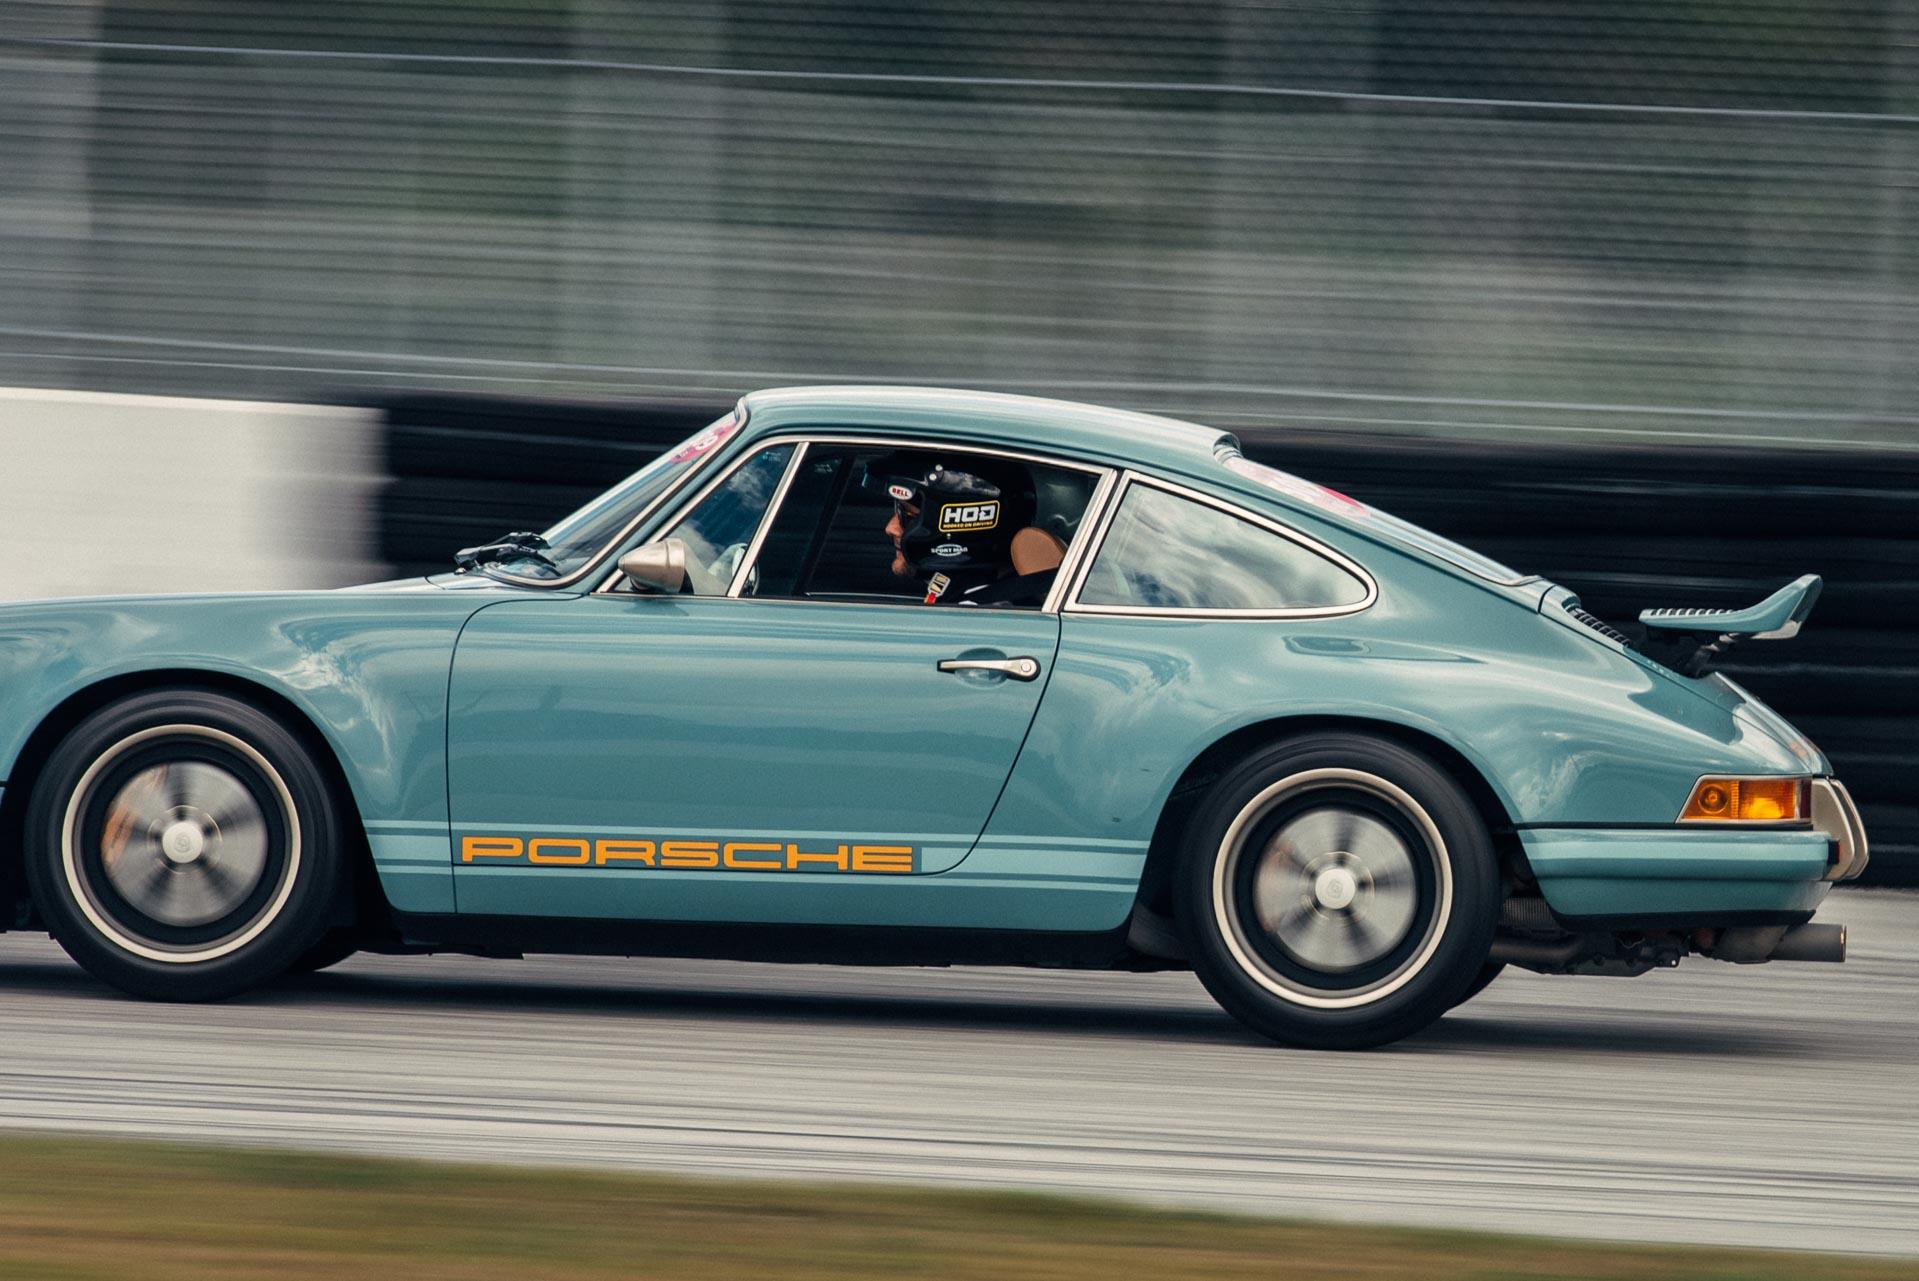 Vintage Porsche on track at DRT